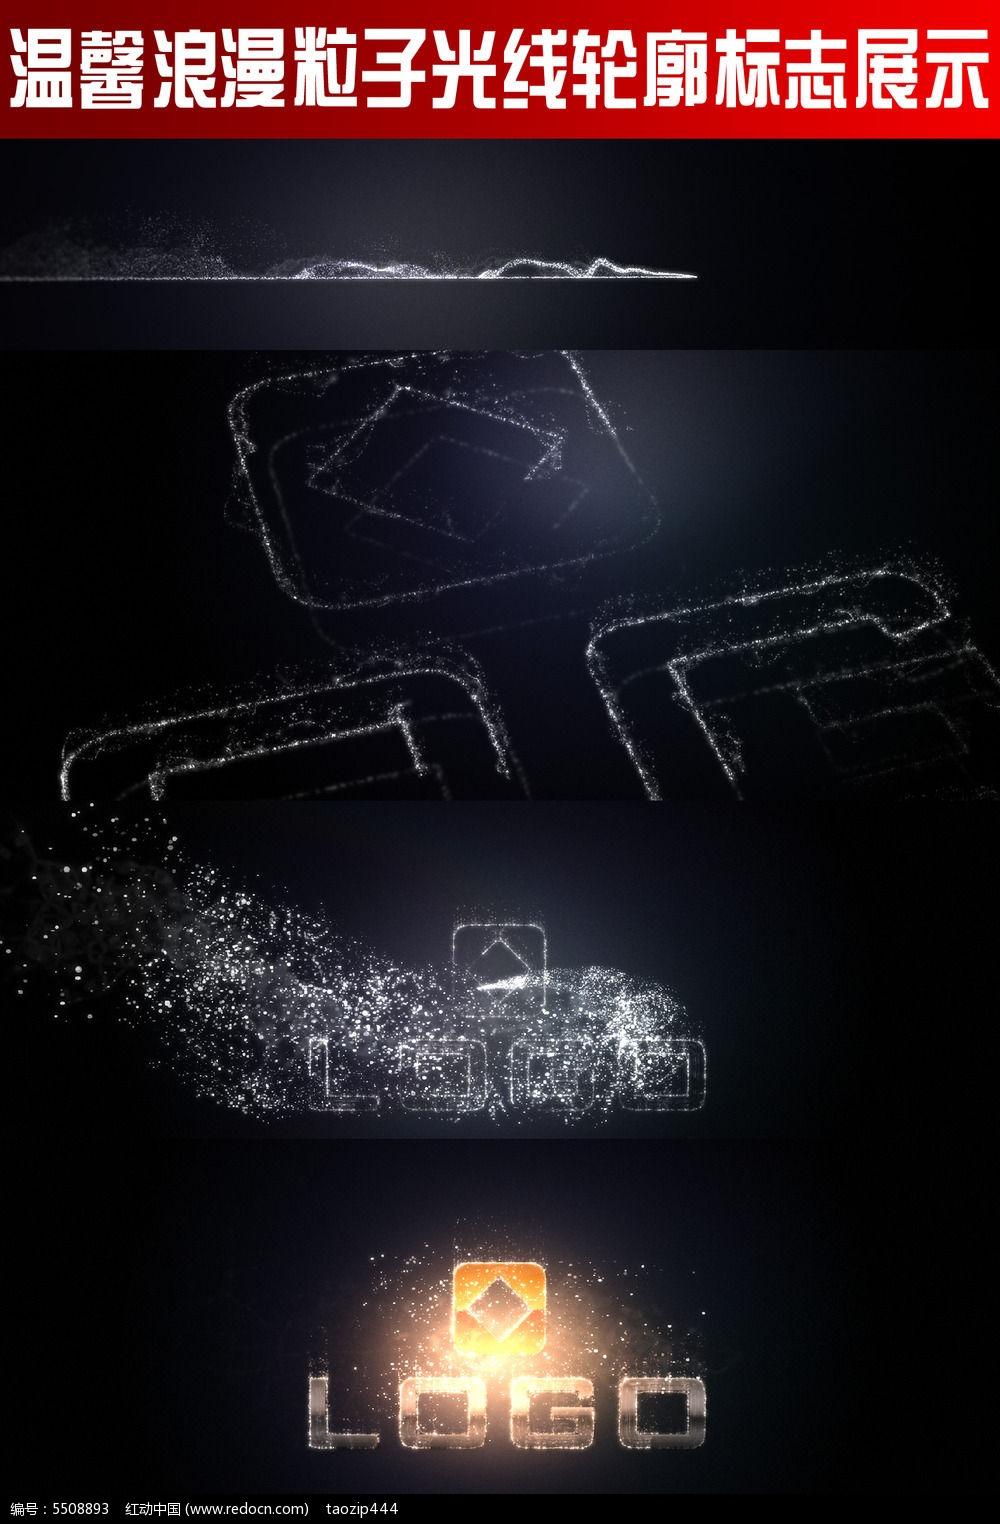 温馨浪漫粒子光线轮廓标志展示图片